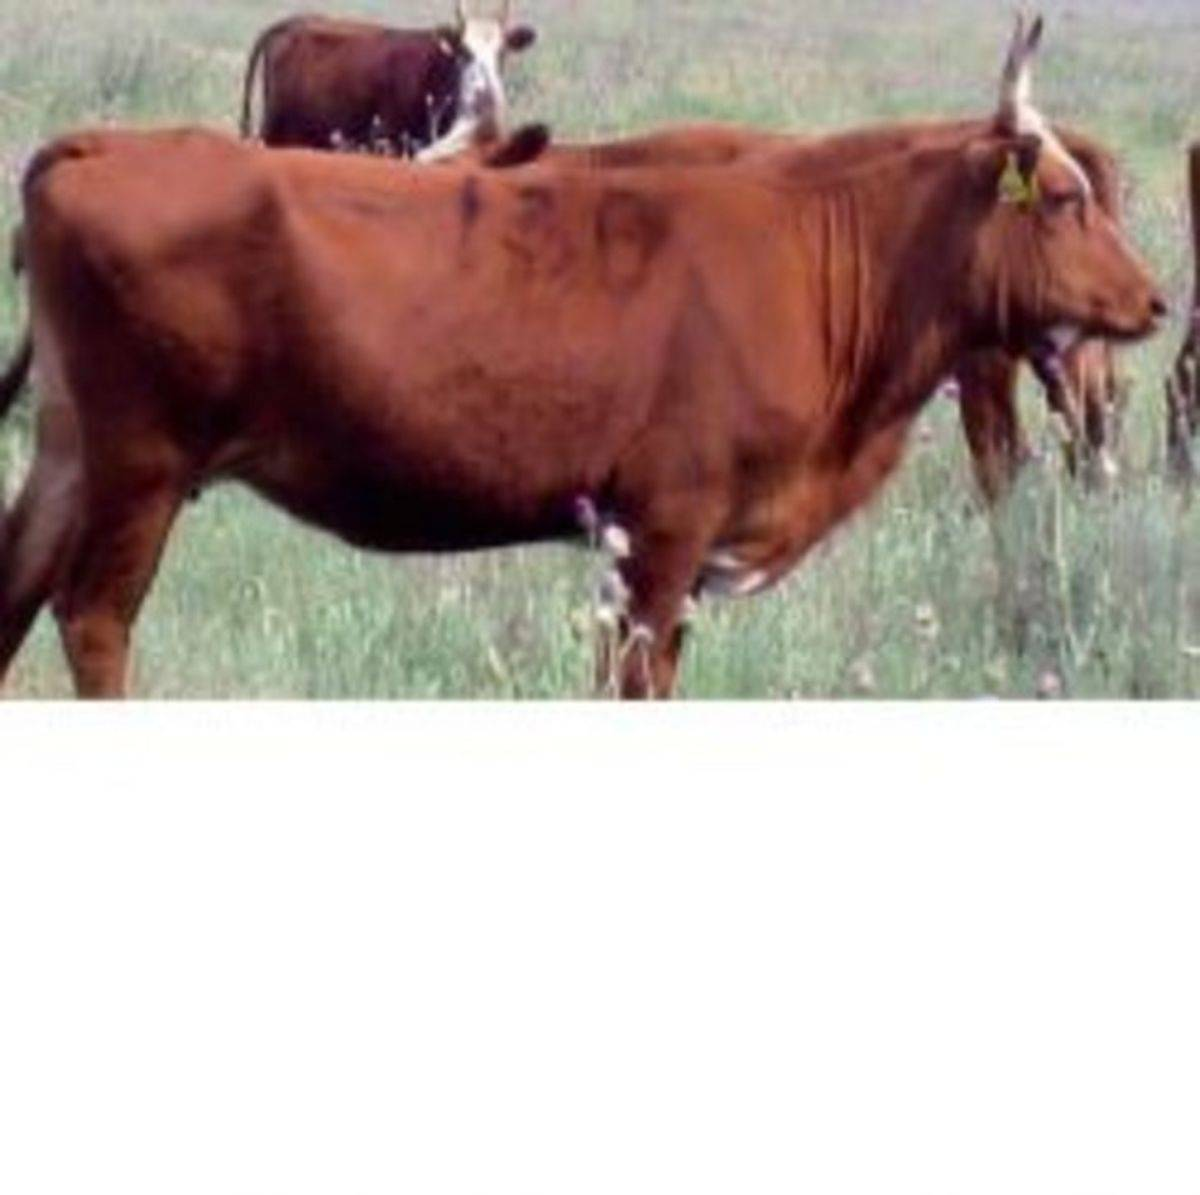 Калмыцкая корова: характеристики породы, преимущества и недостатки, правила ухода